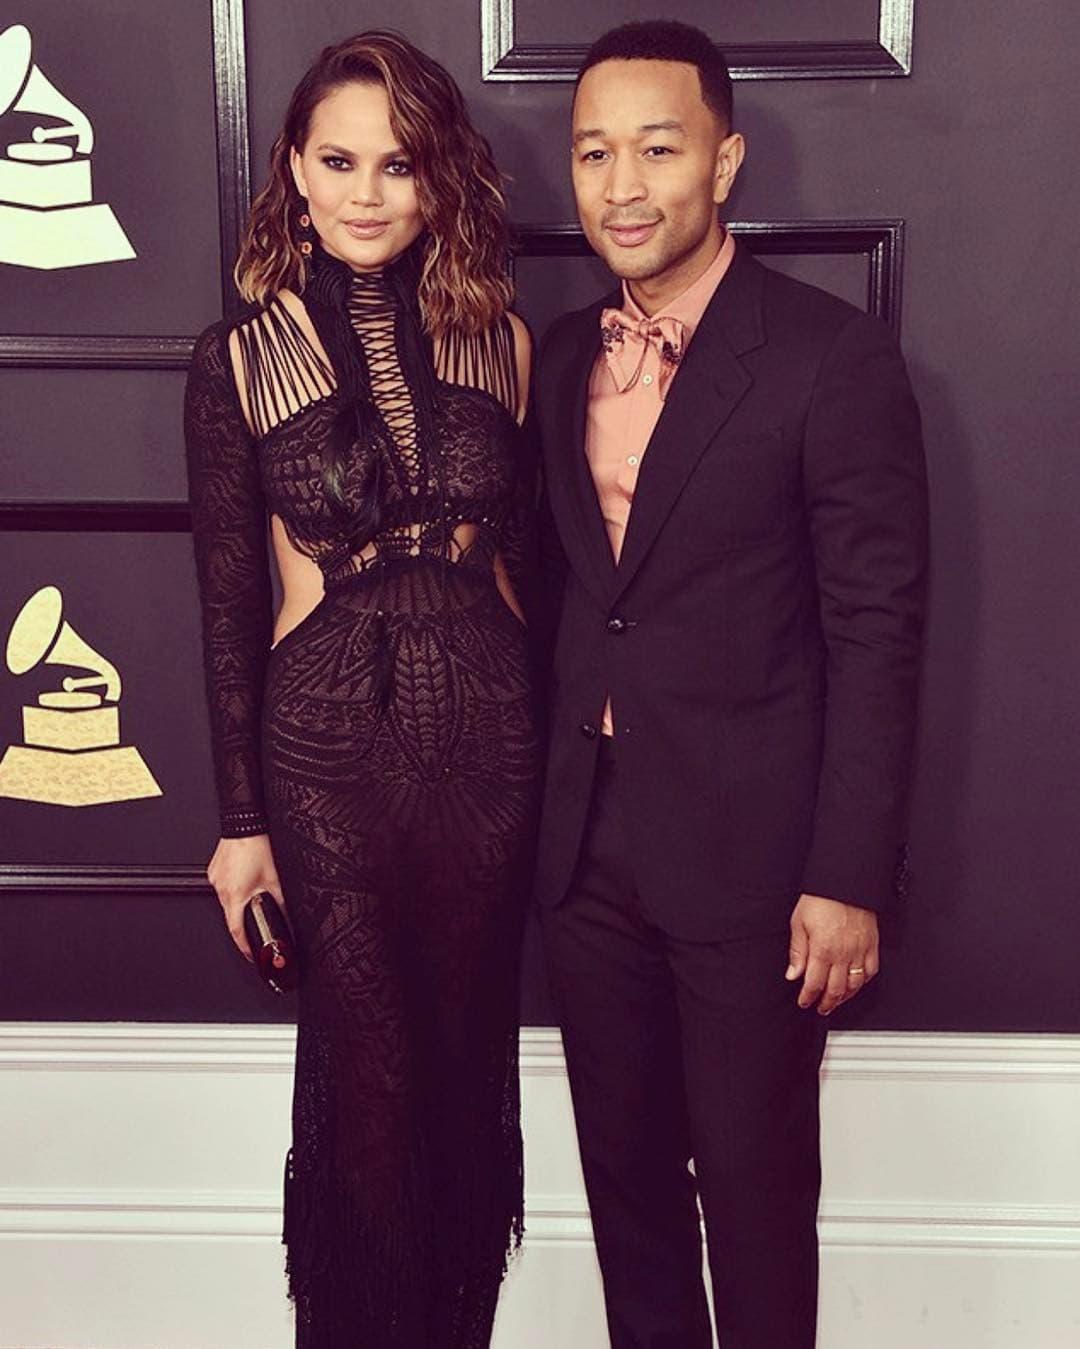 Jon i Chrissy na dodeli Grammyja (foto: Instagram/johnlegend)